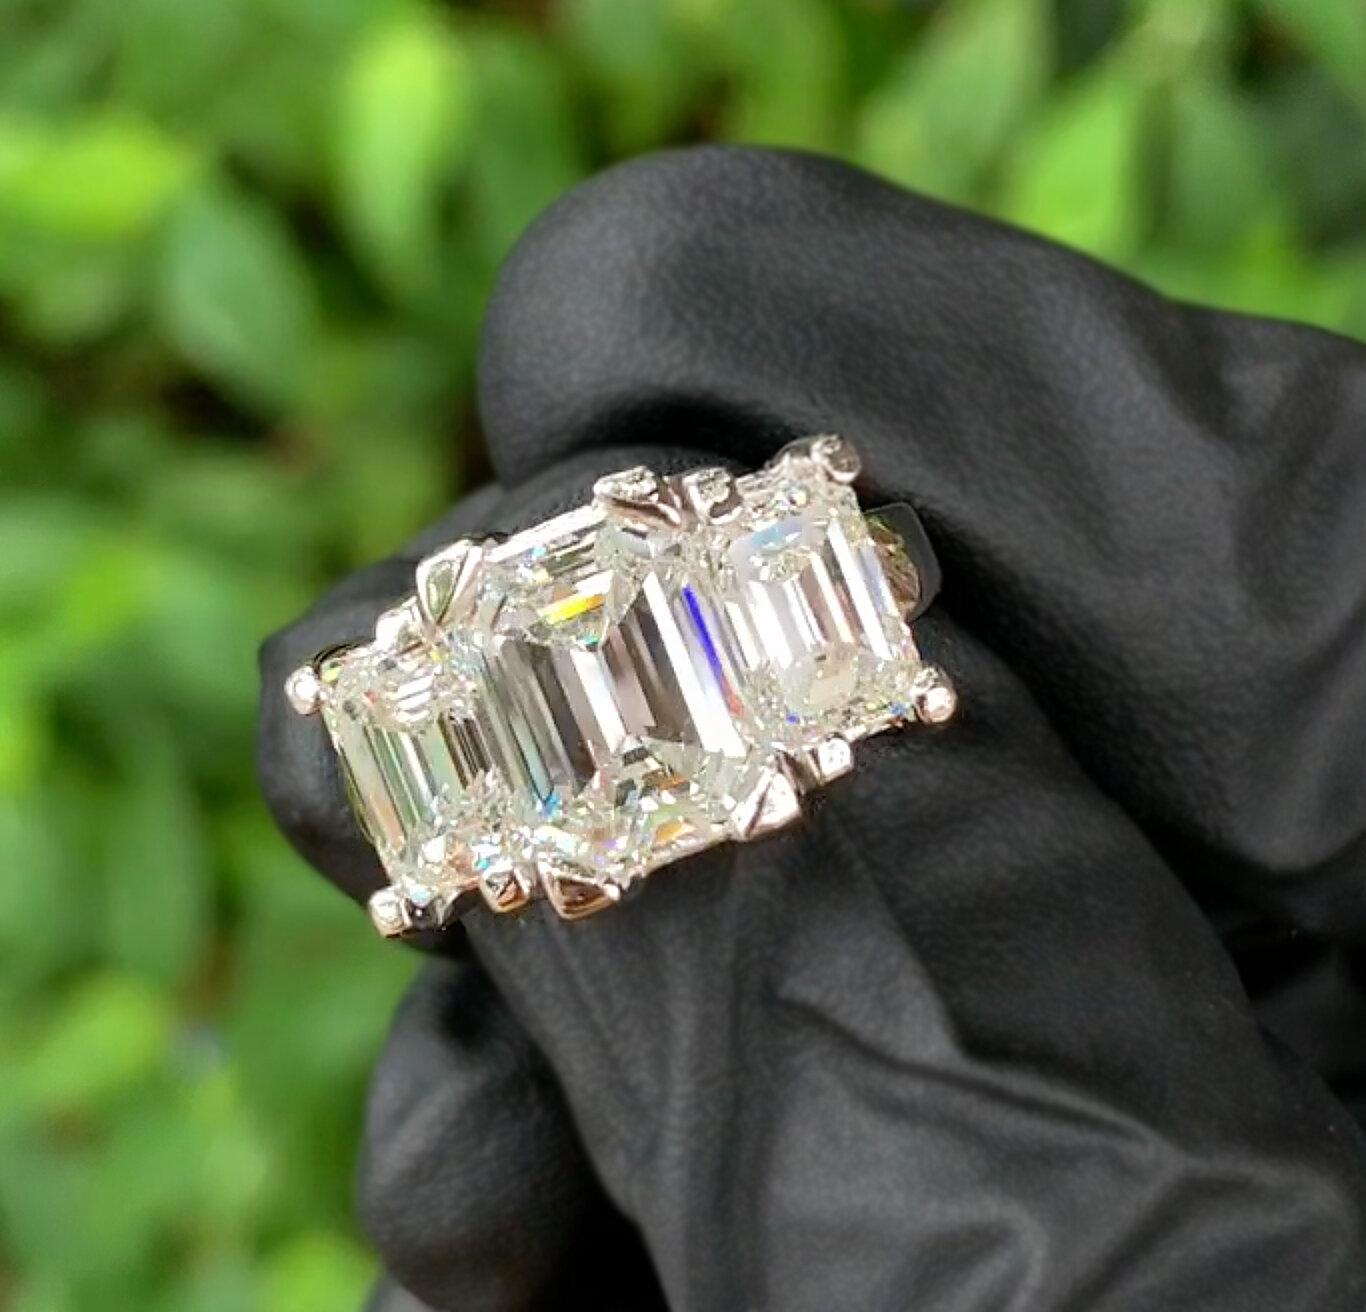 Lizanne_diamondPlat3.jpg